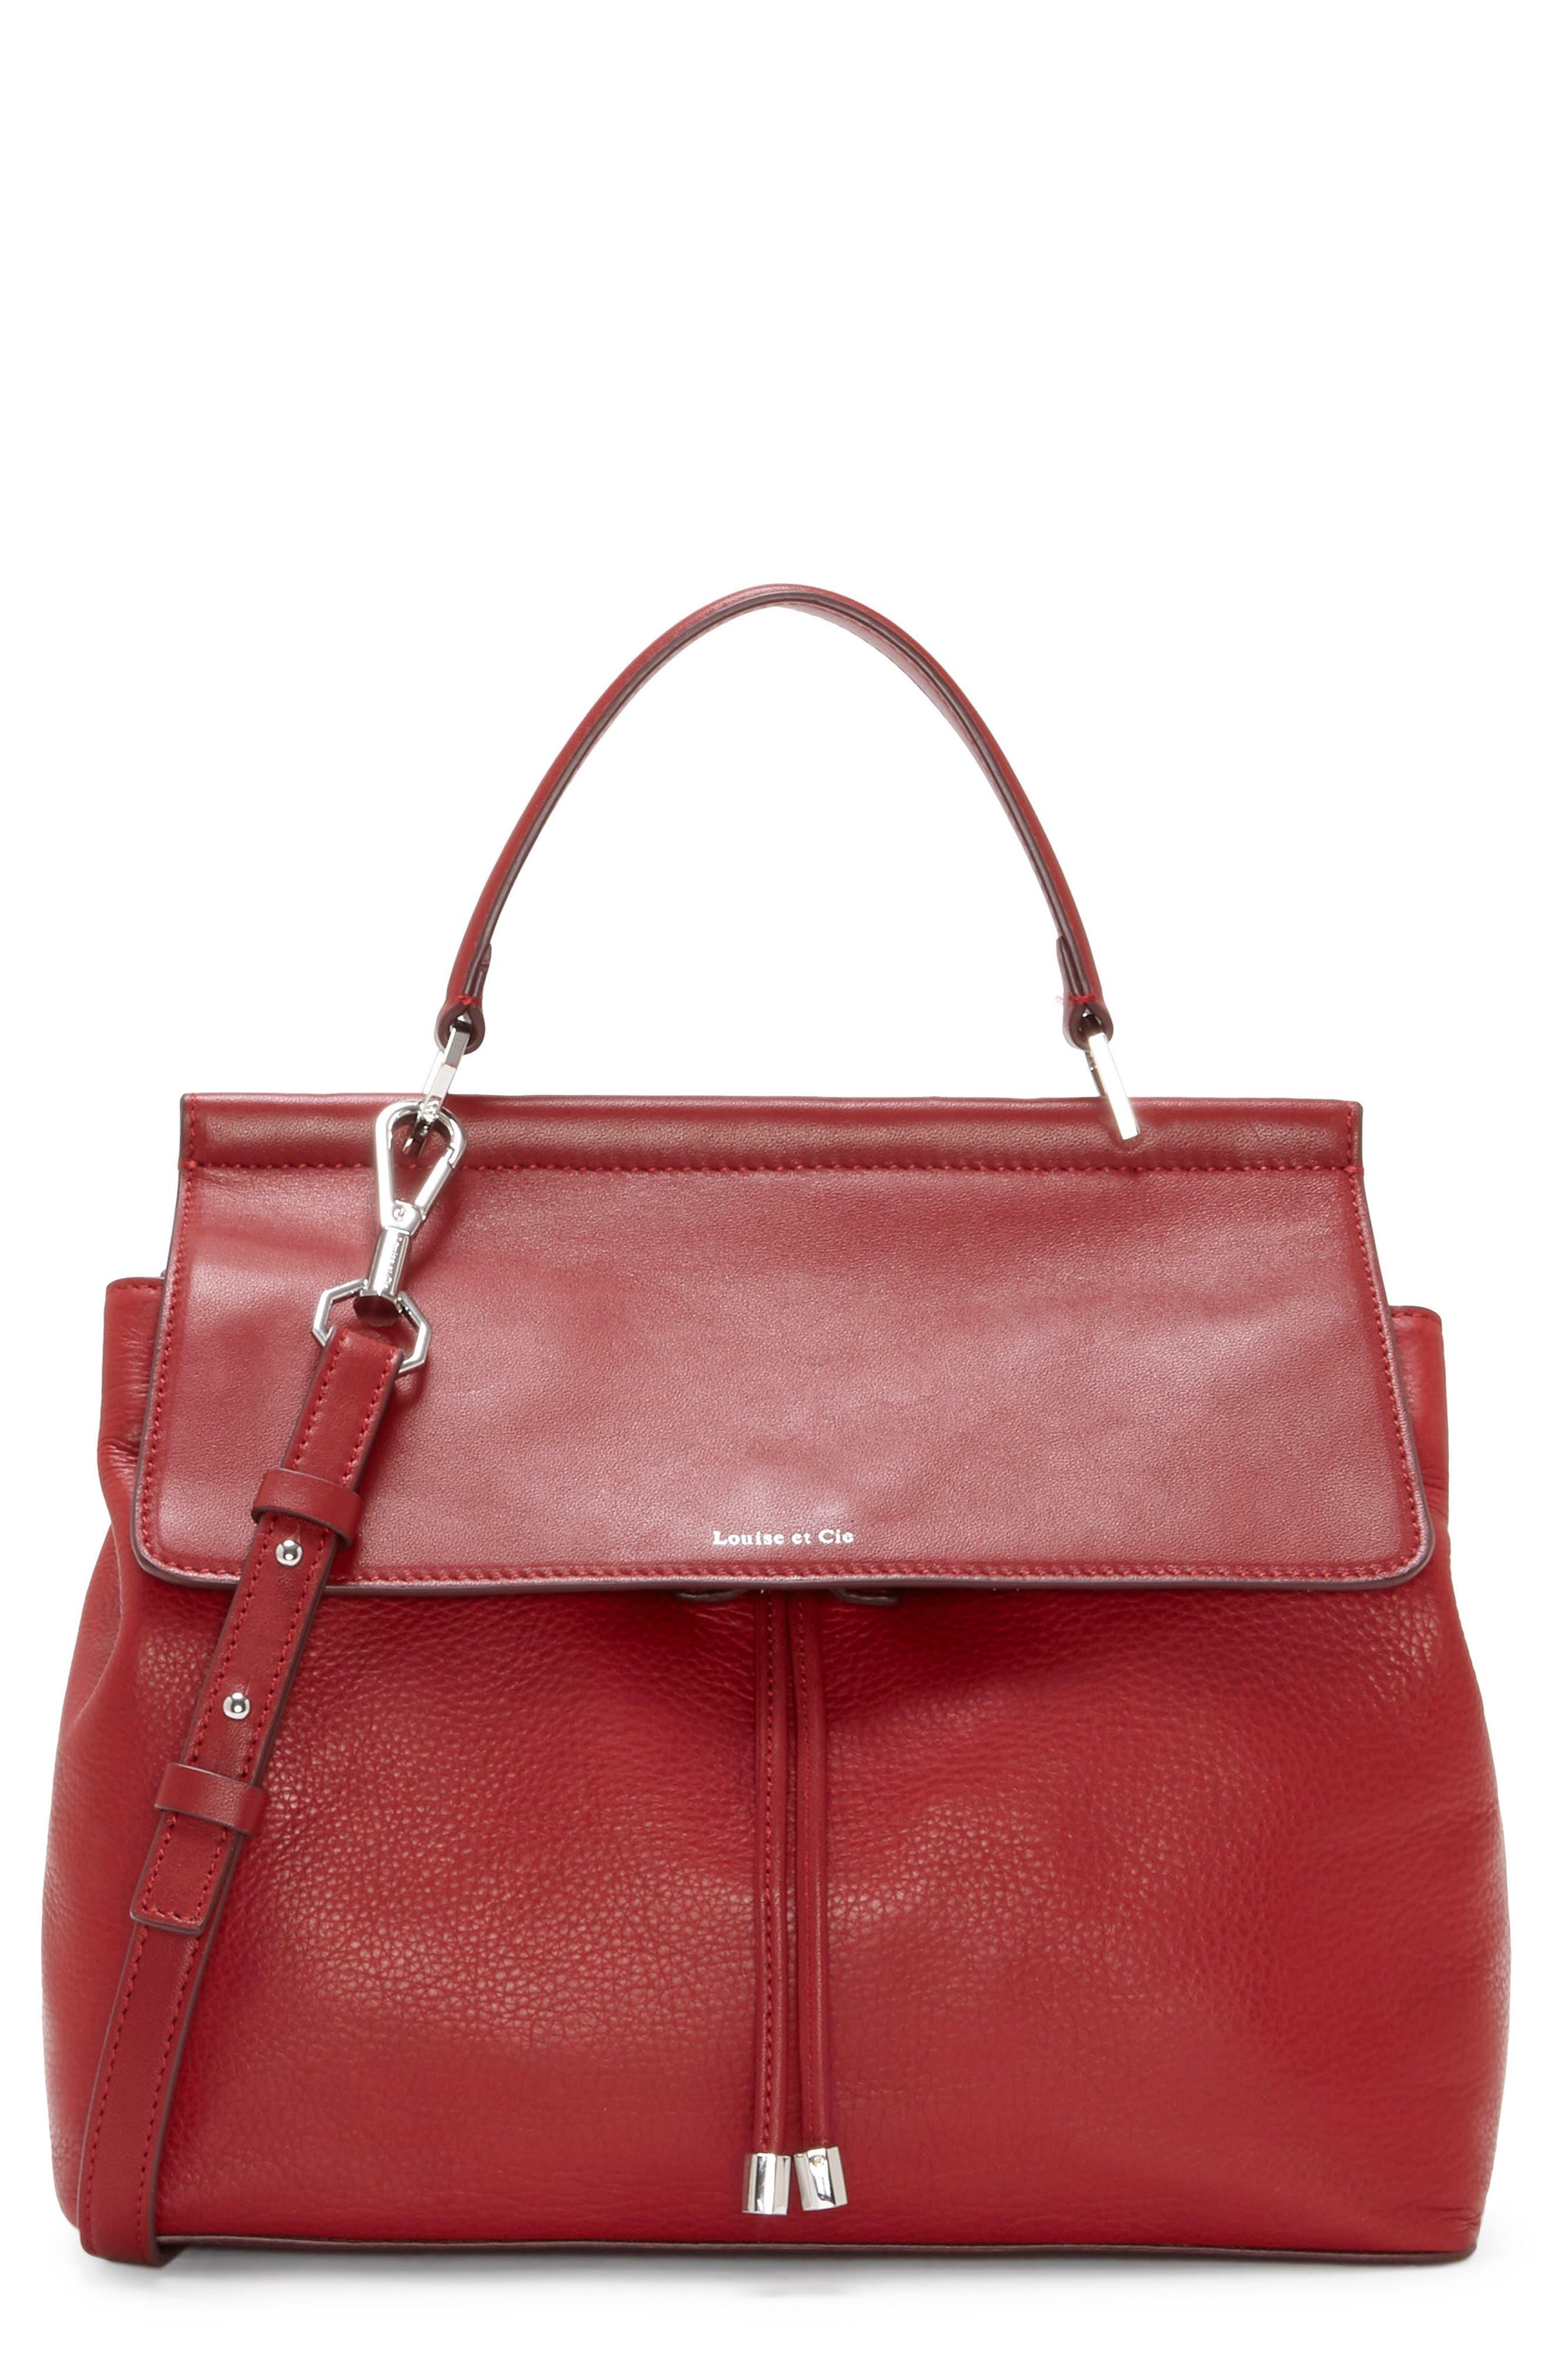 Louise et Cie 'Towa' Leather Top Handle Satchel